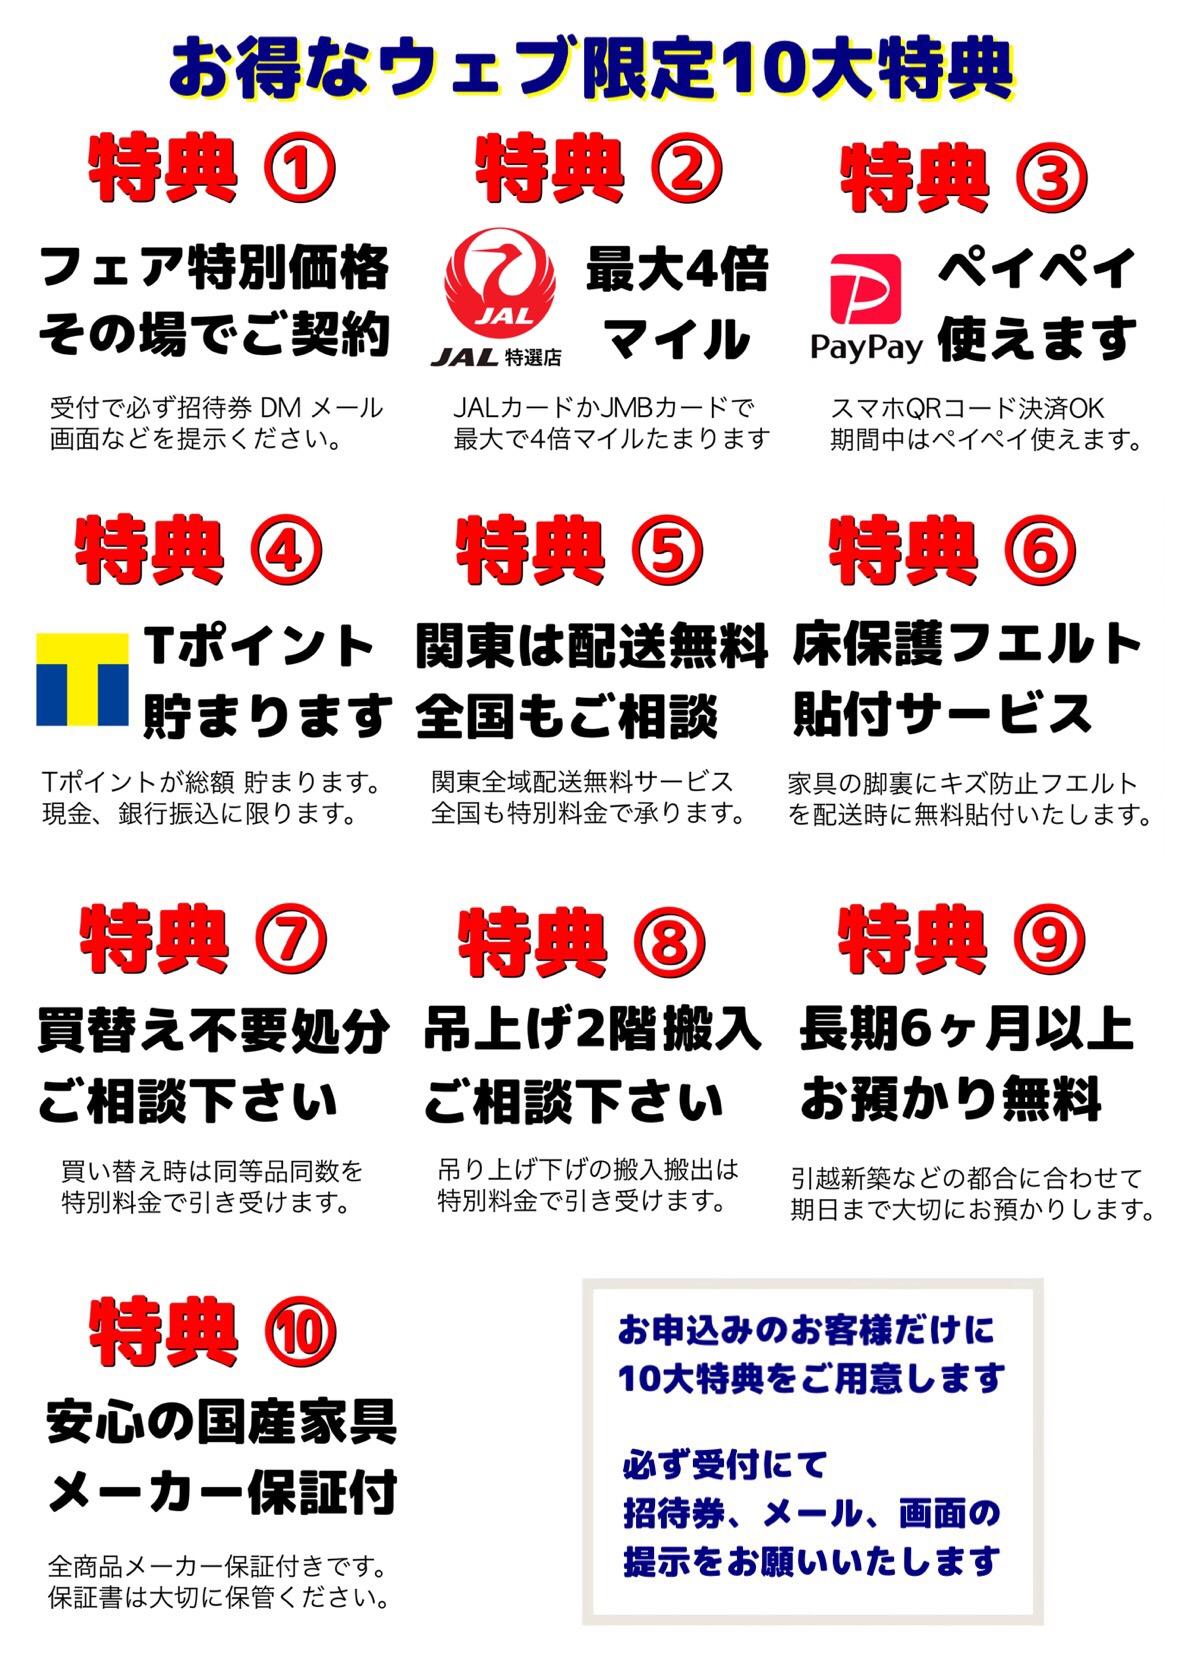 ソメイユ銀座イベント10大特典